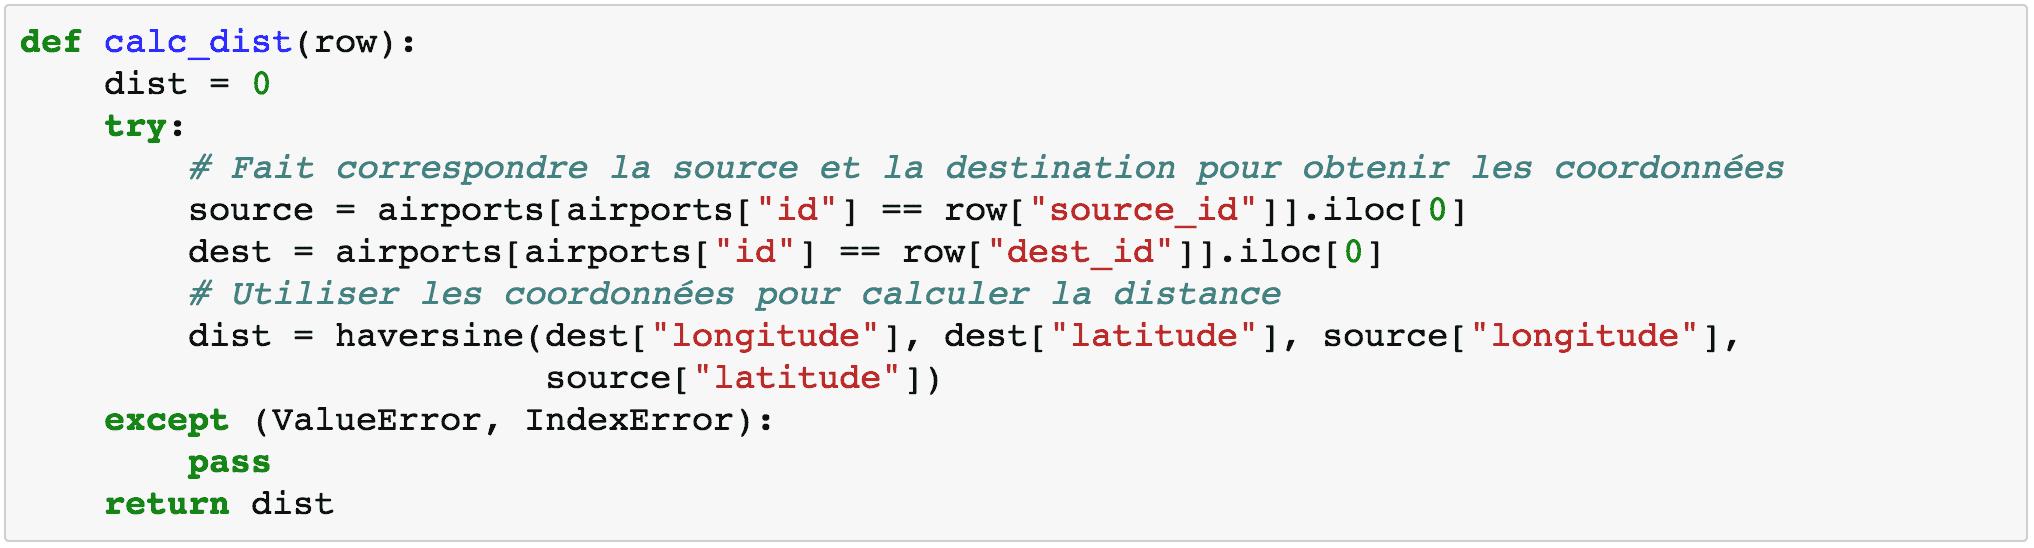 Visualisation de données en Python: comparaison d'outils 7